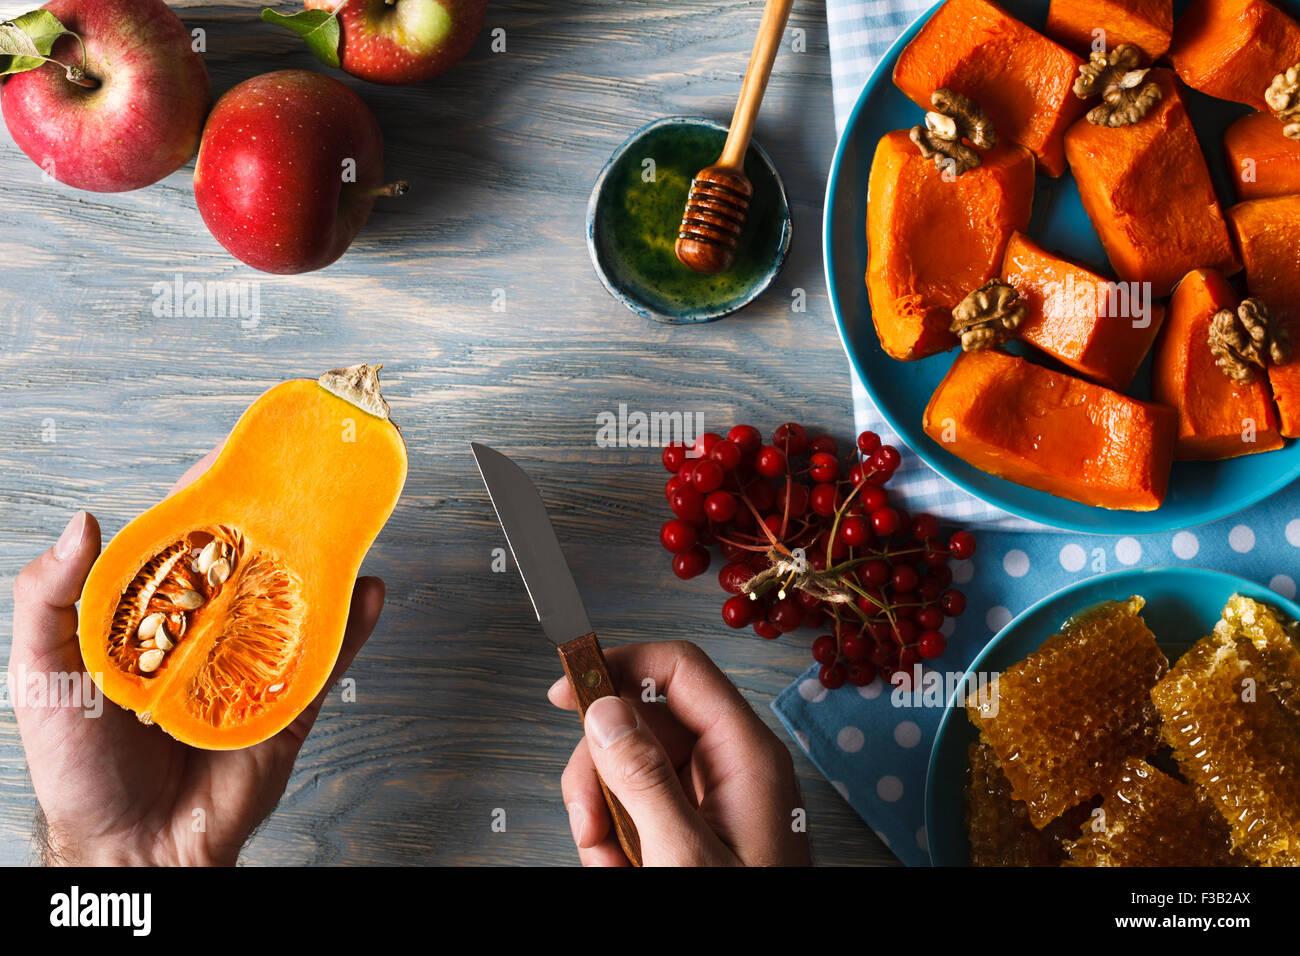 Menú de otoño. Hombre manos sosteniendo algo de calabaza y un cuchillo contra el telón de fondo de manzanas frescas, un montón de viburnum bayas, h Foto de stock